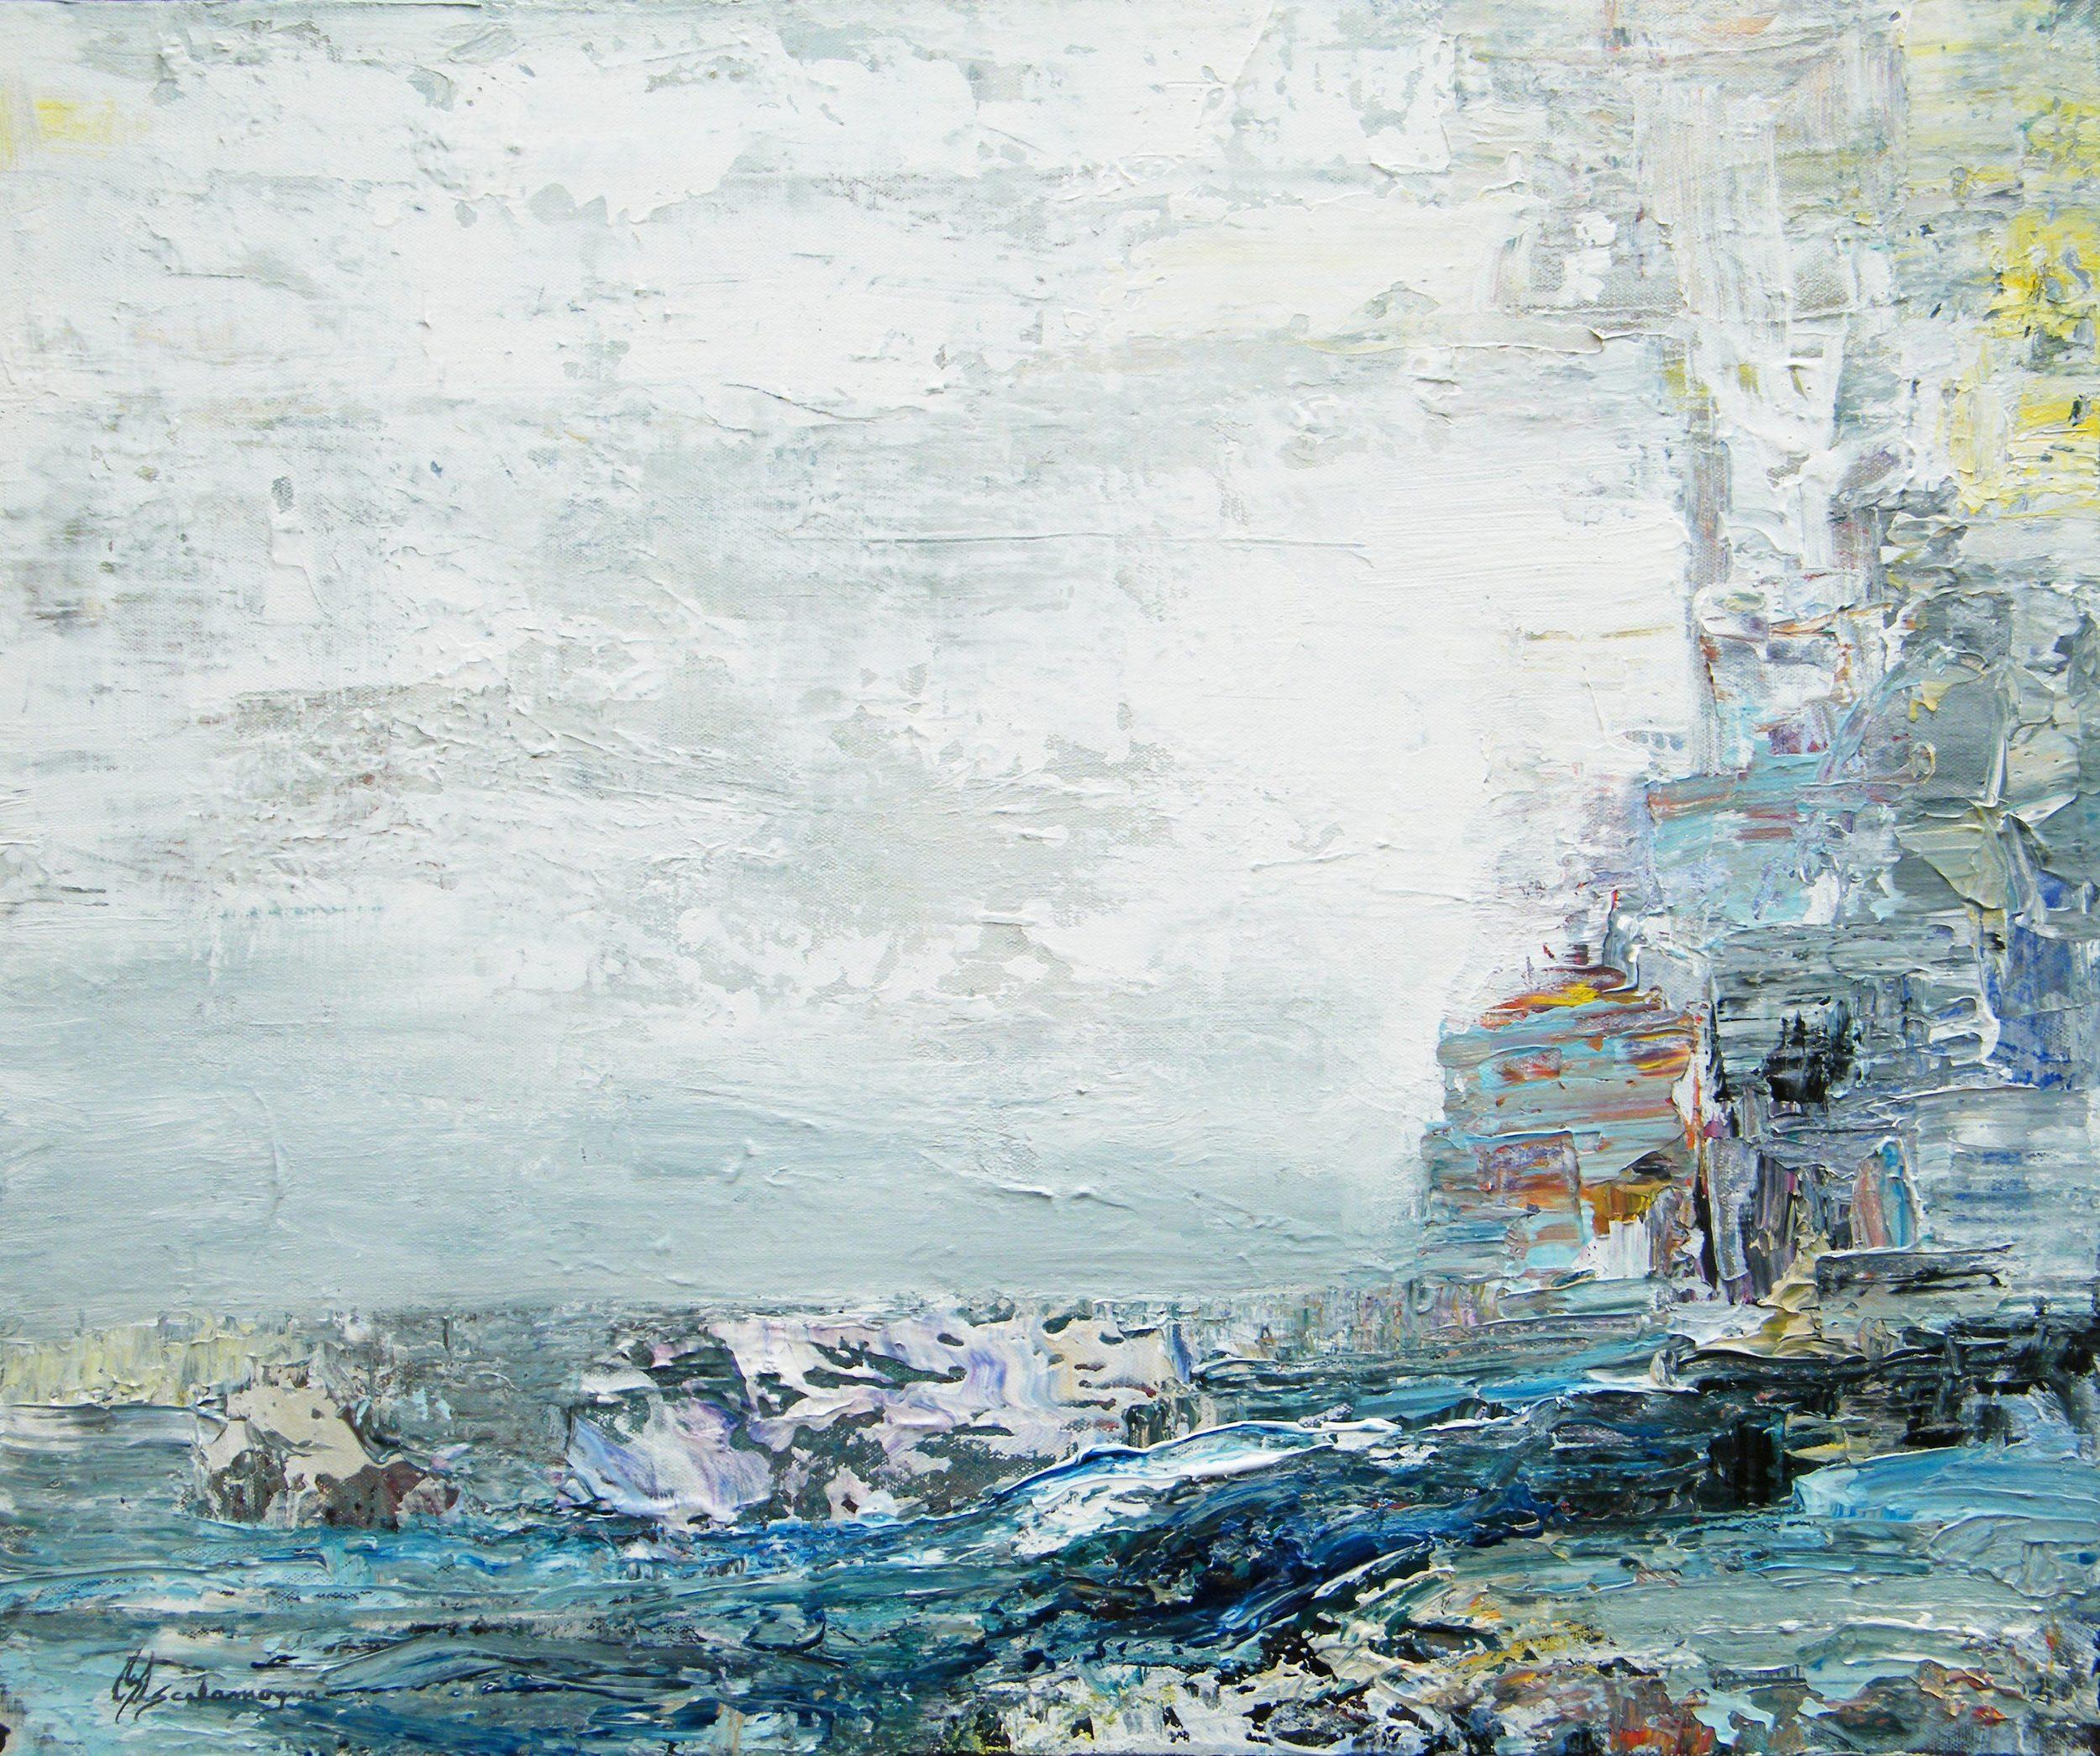 Lighthouse - 20 x 24, Acrylic on Canvas.